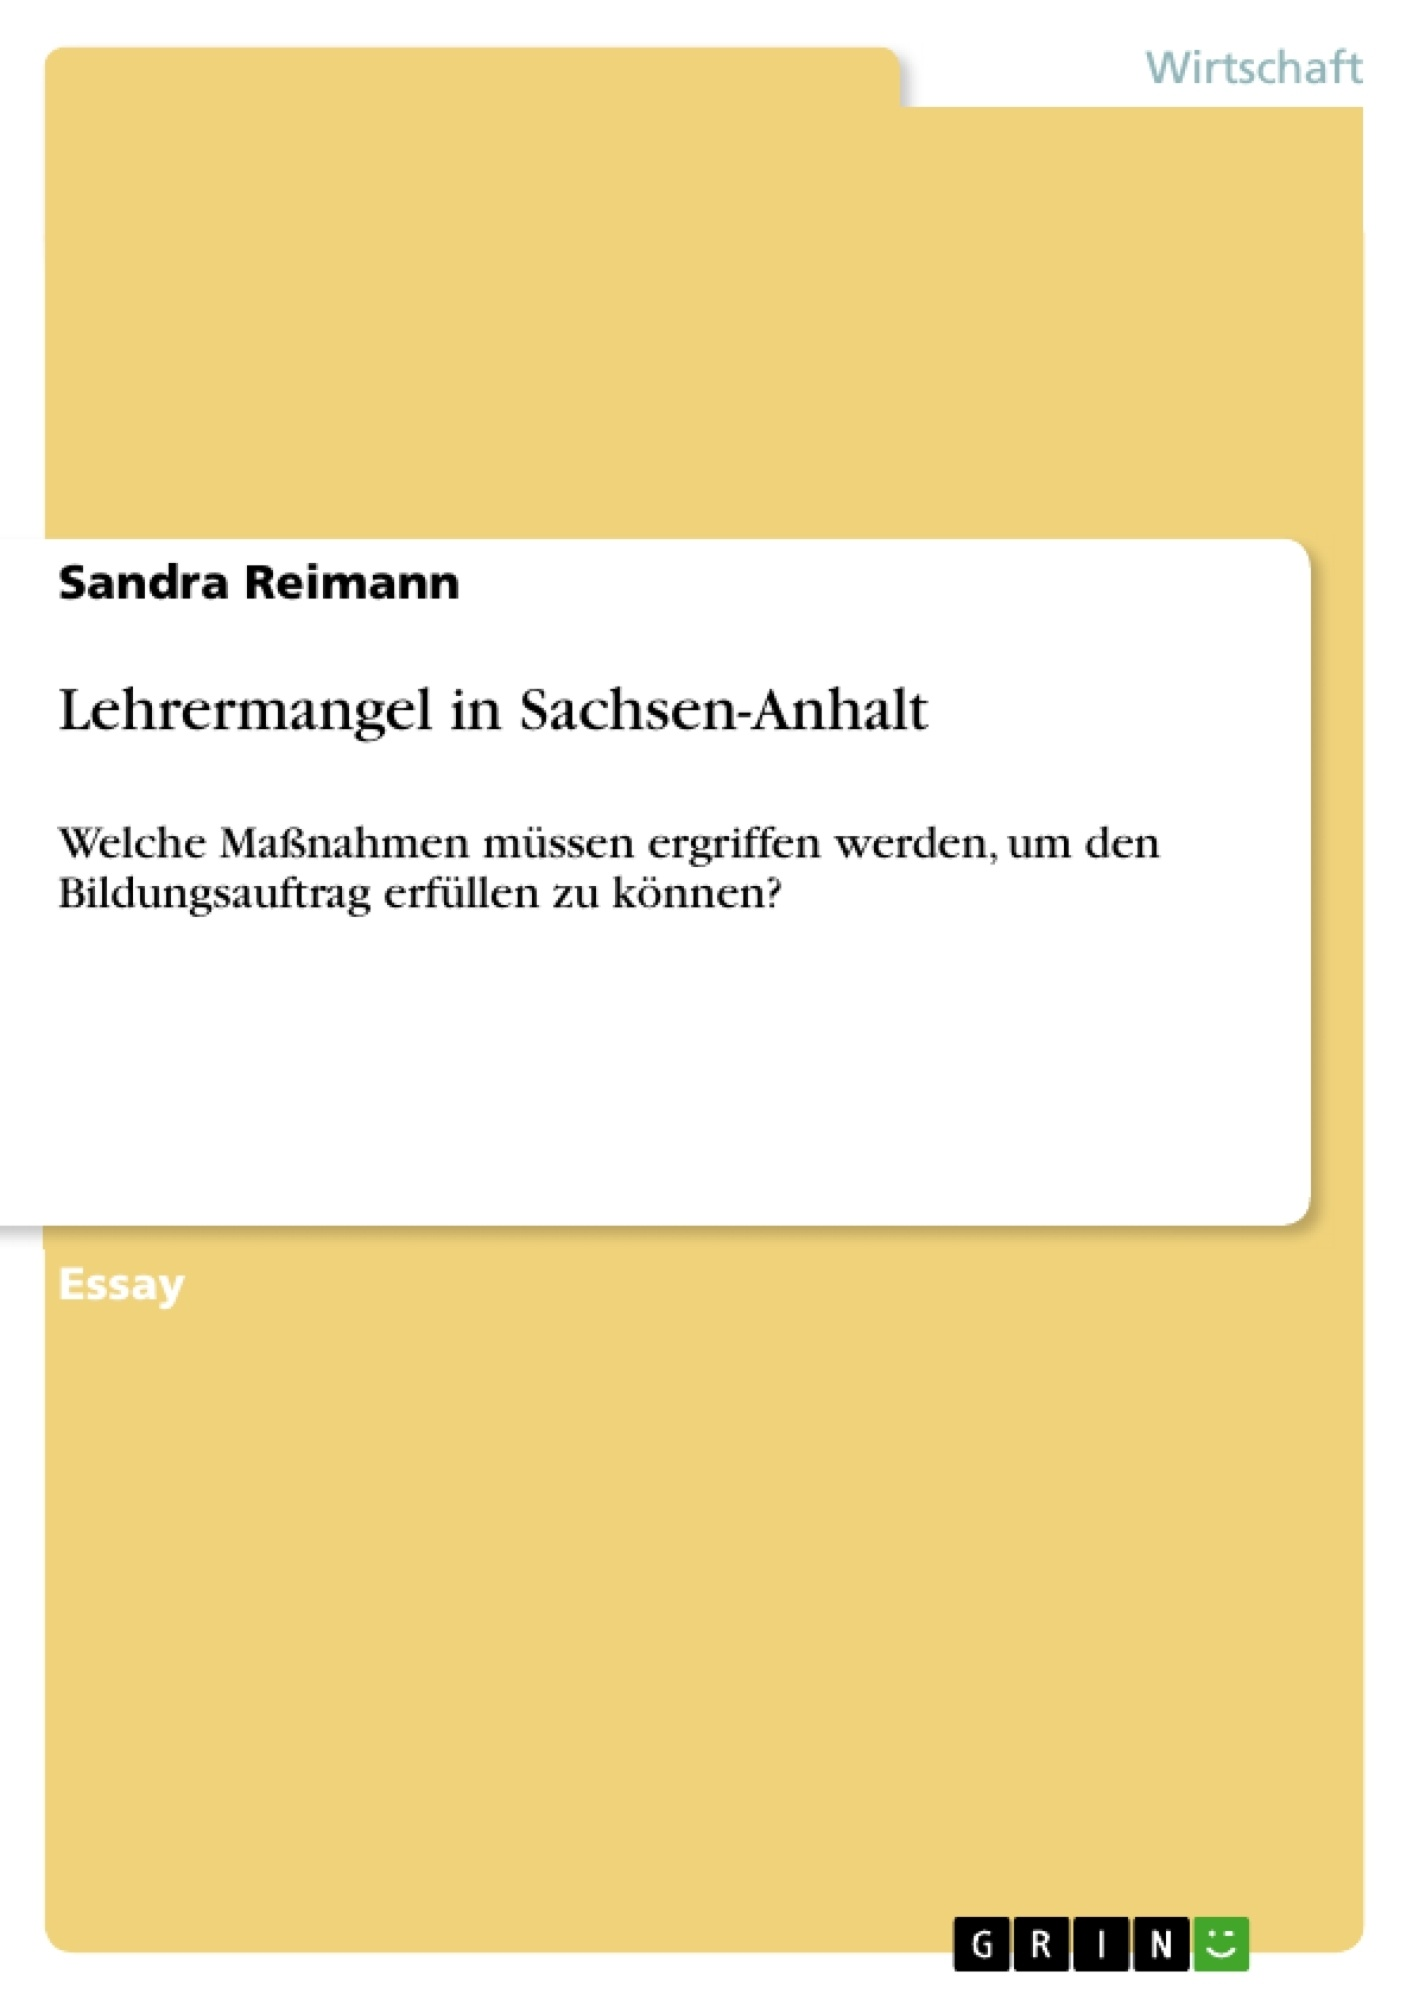 Titel: Lehrermangel in Sachsen-Anhalt